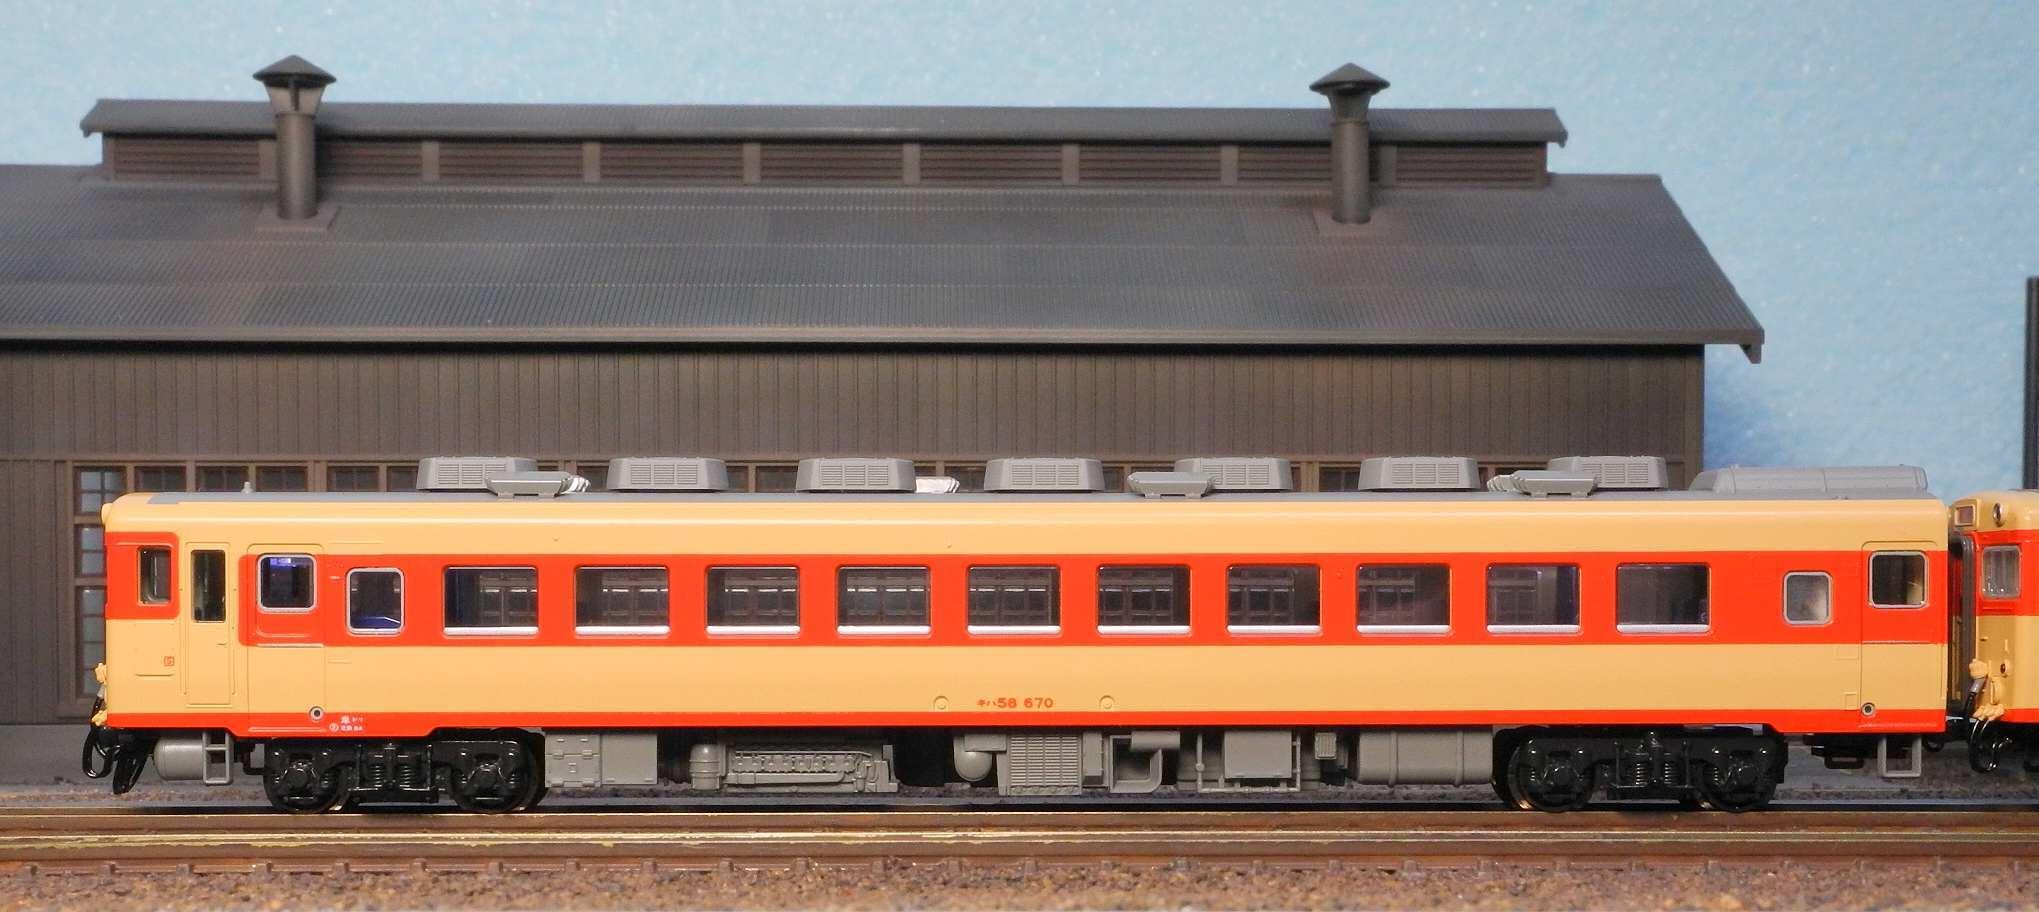 DSCN1134-1.jpg